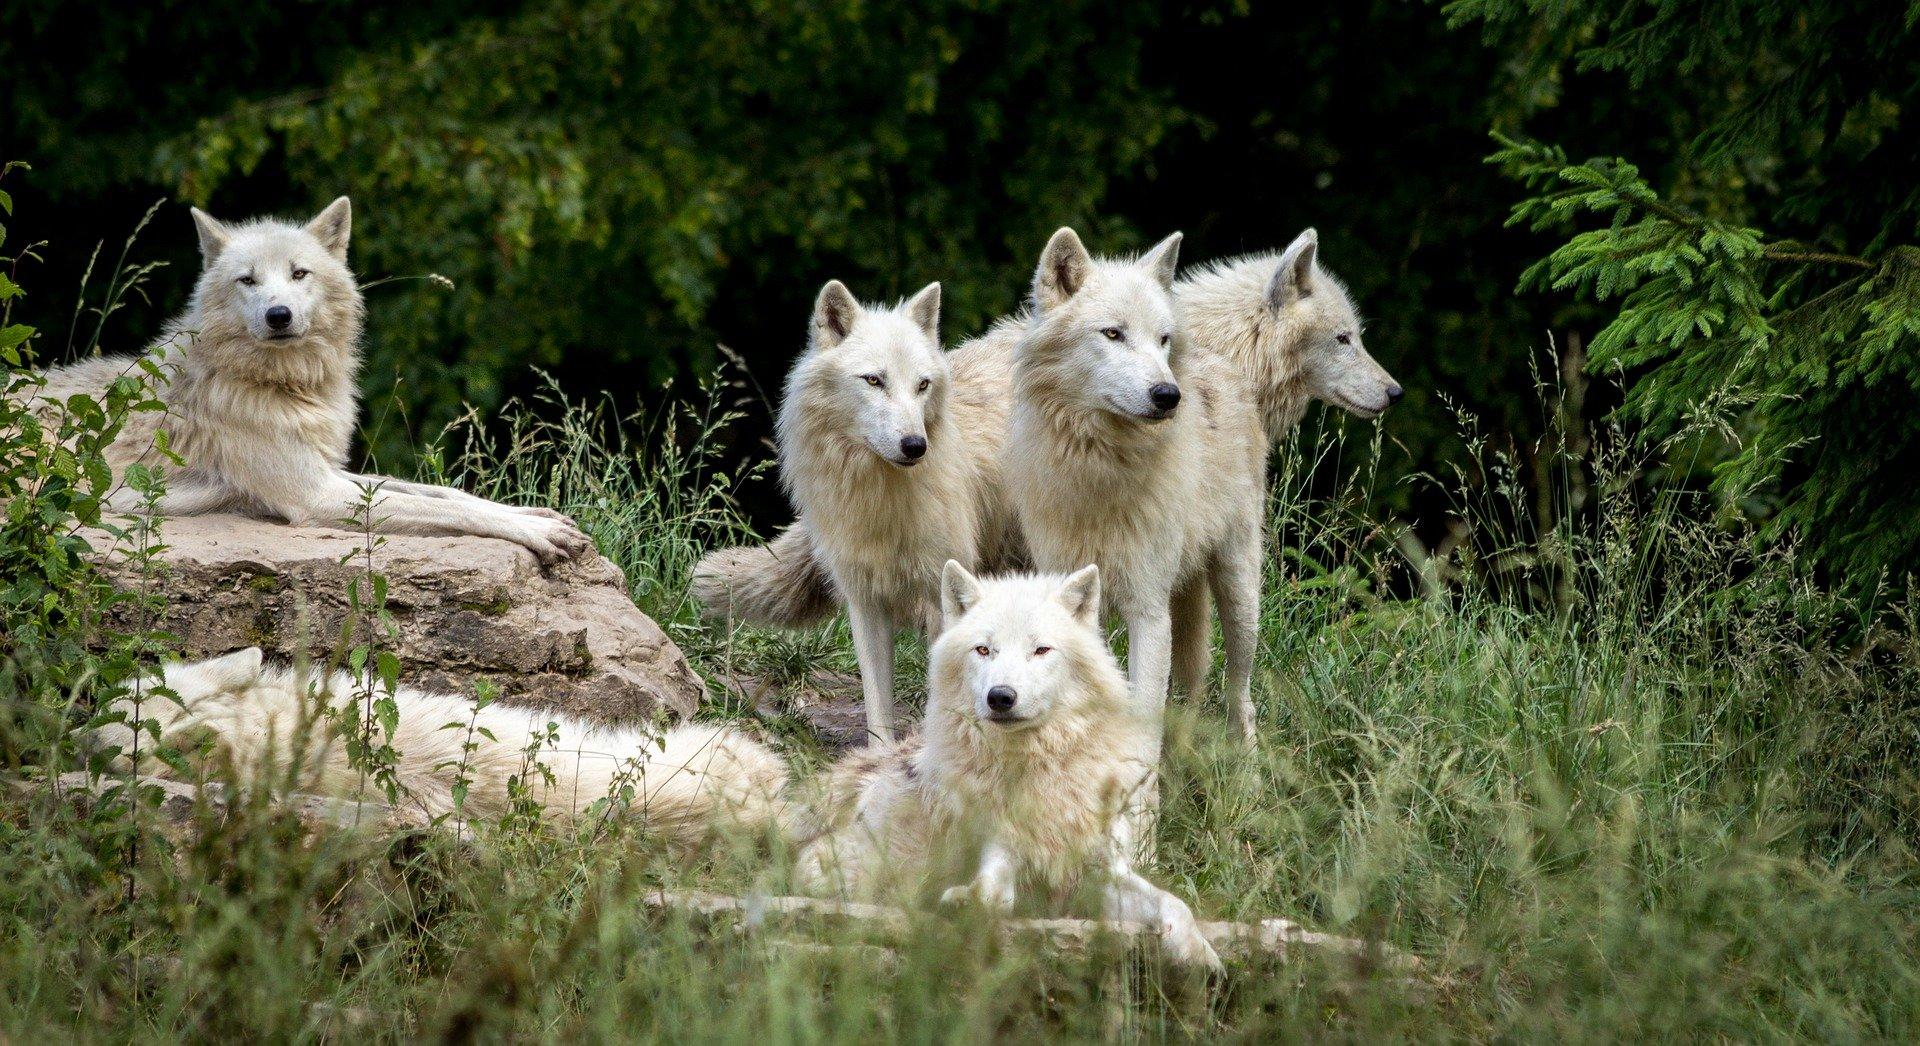 Wölfe müssen auf der Jagd zusammenarbeiten. Verletzungen zum Beispiel wegen Kämpfen um die Rudelführerschaft würden das ganze Rudel schwächen. Foto: Vincent Boulanger/Pixabay)